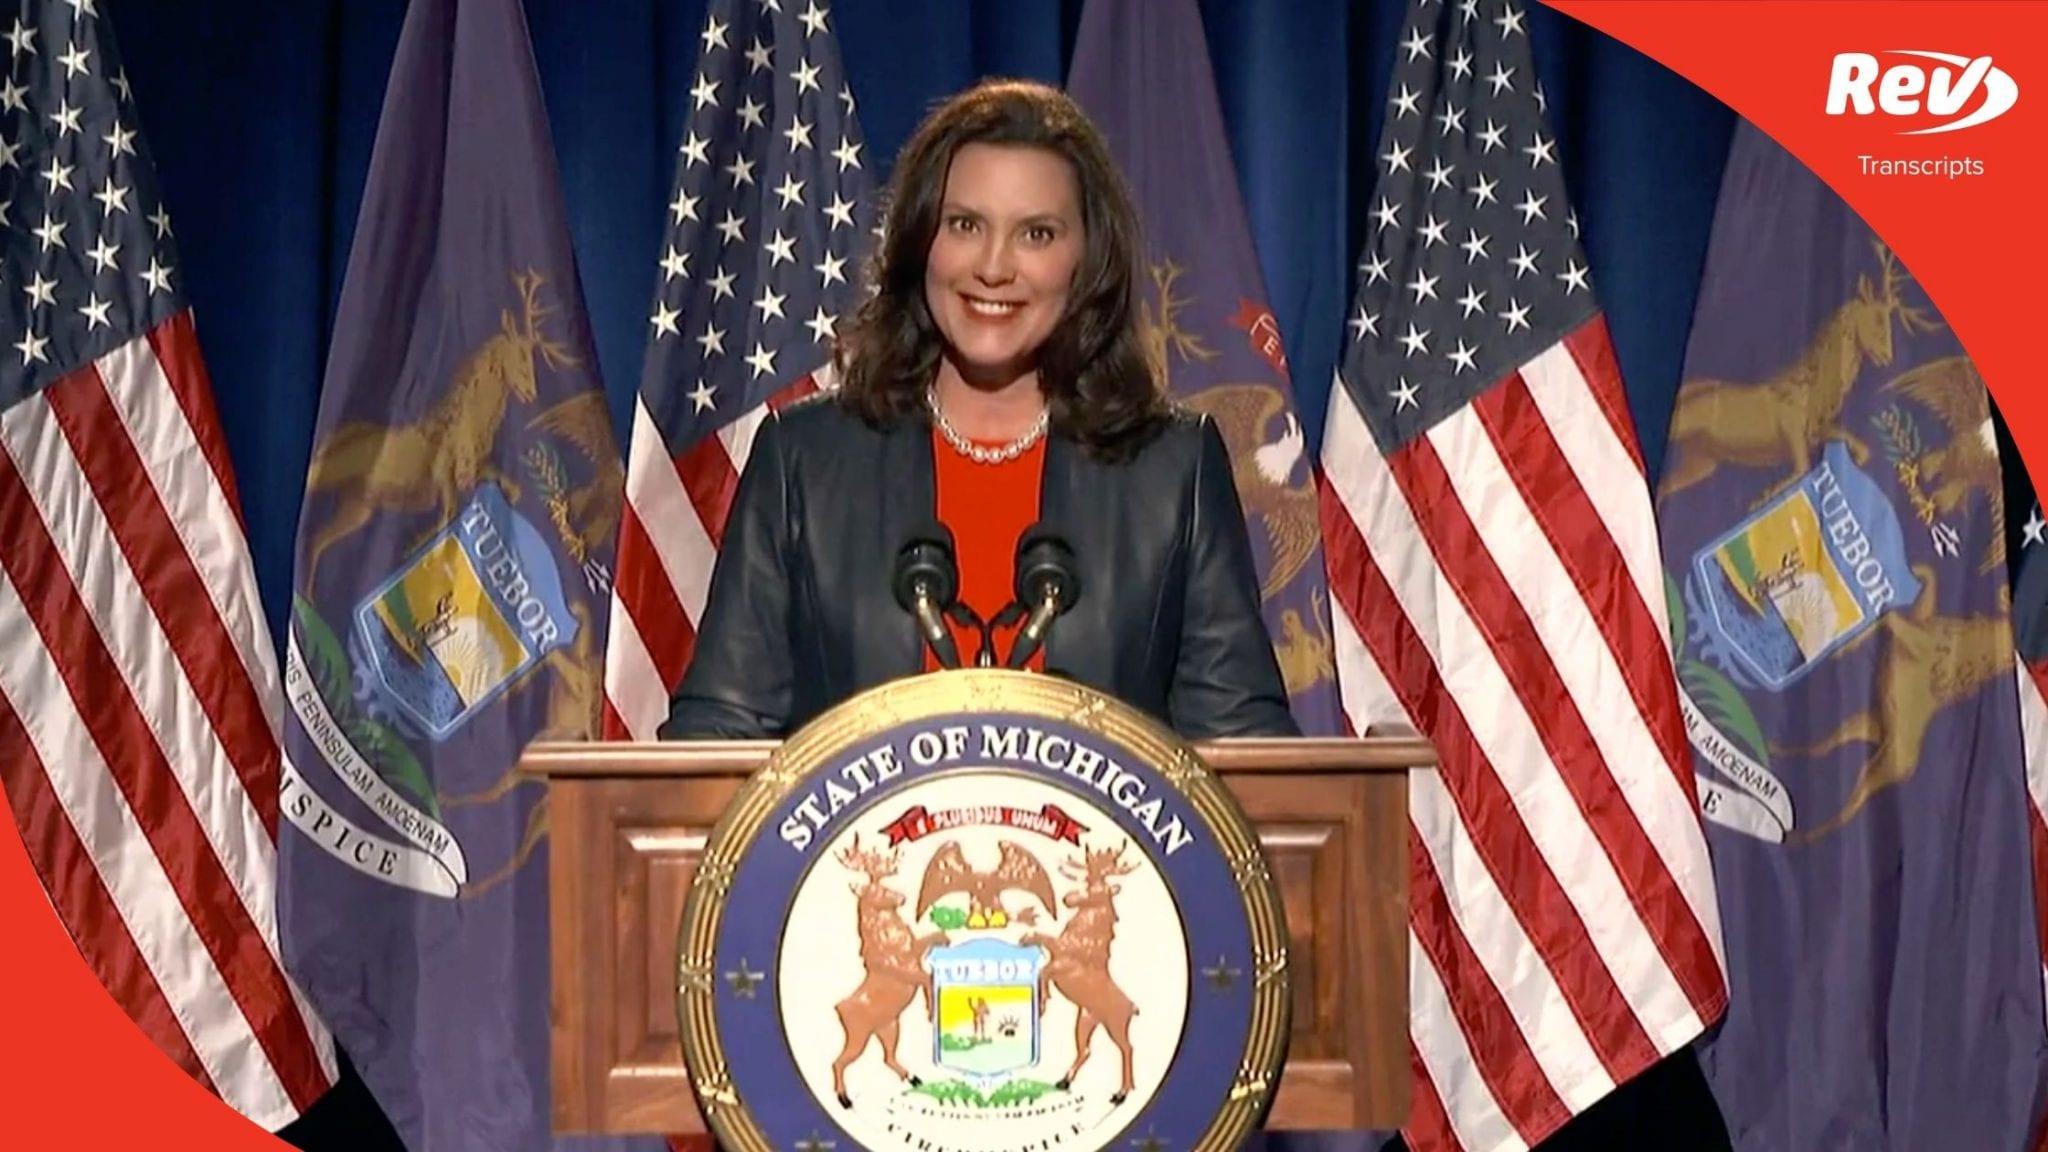 Michigan Gov. Gretchen Whitmer DNC Speech Transcript